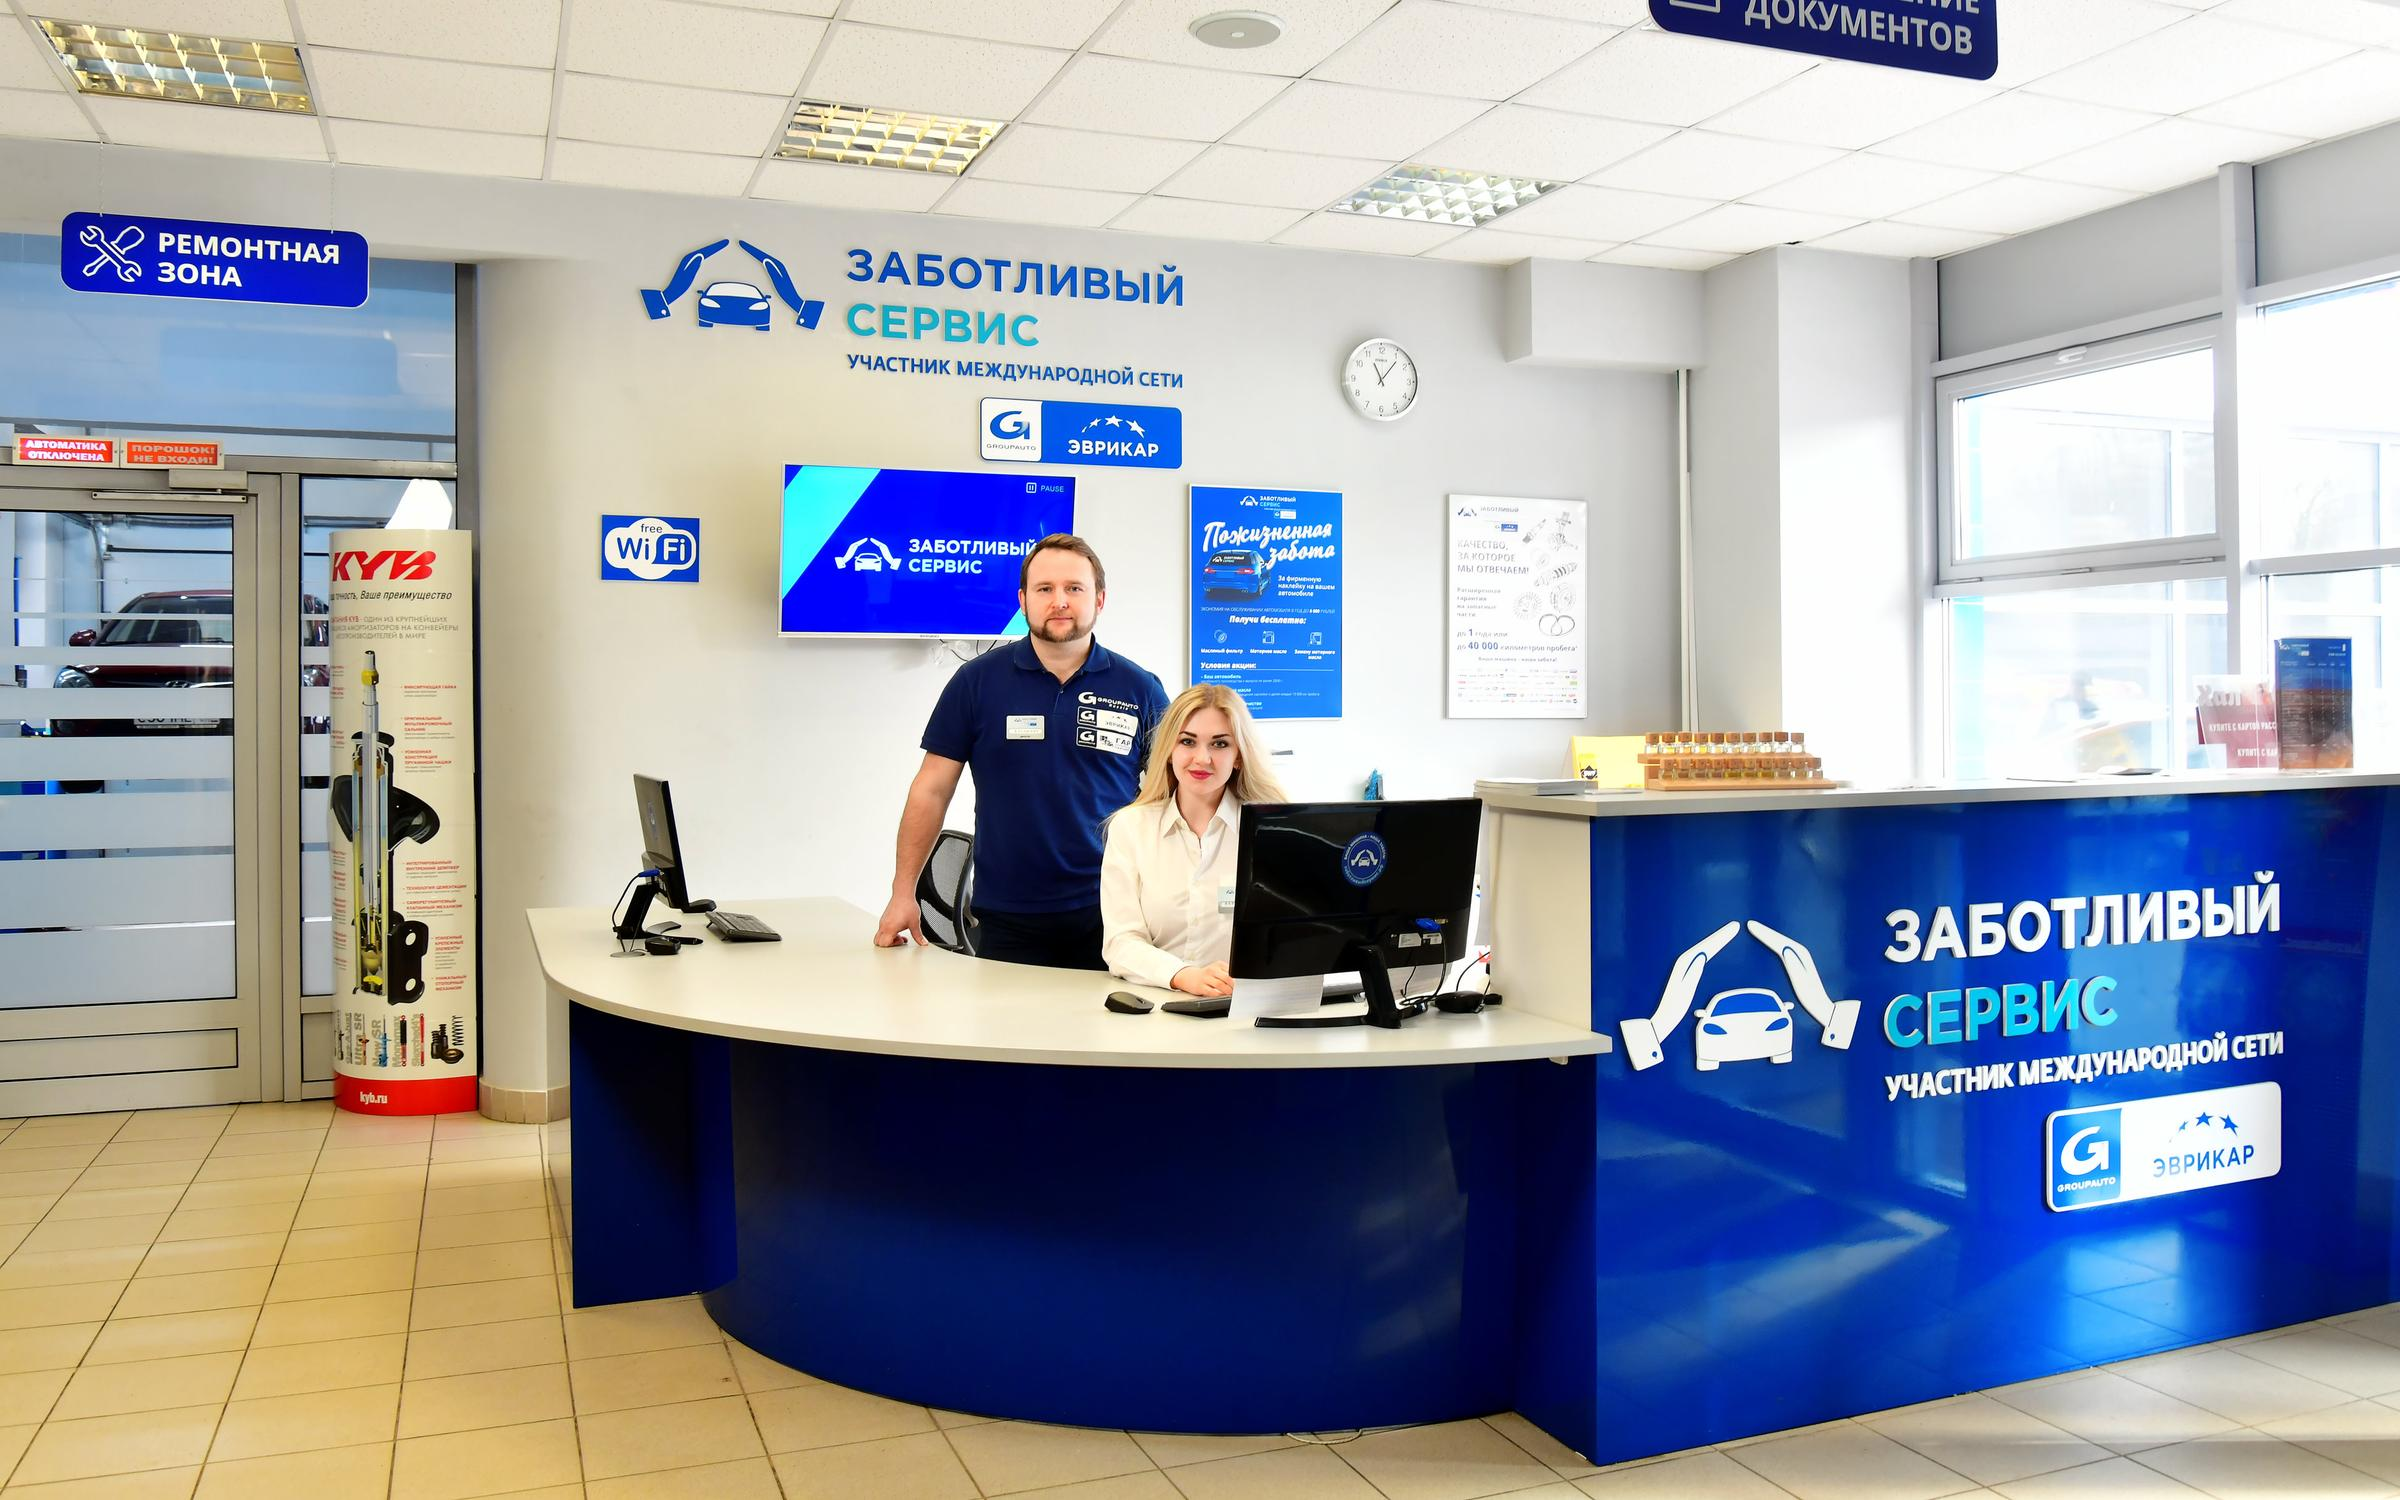 фотография Автосервиса Заботливый сервис на Федоскинской улице